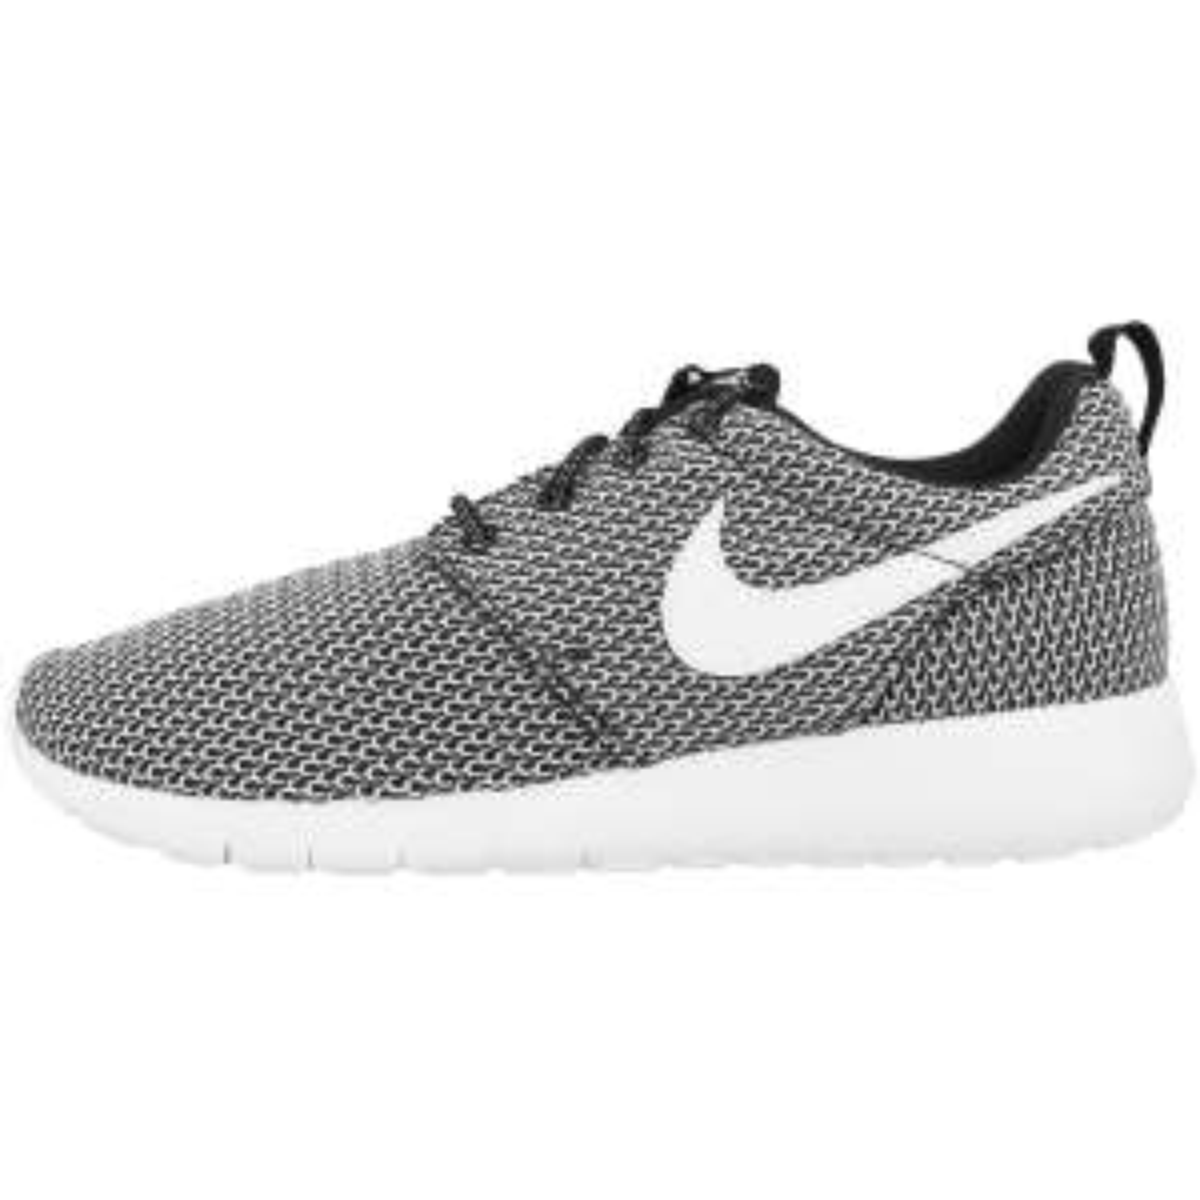 Nike Roshe Damenschuhe